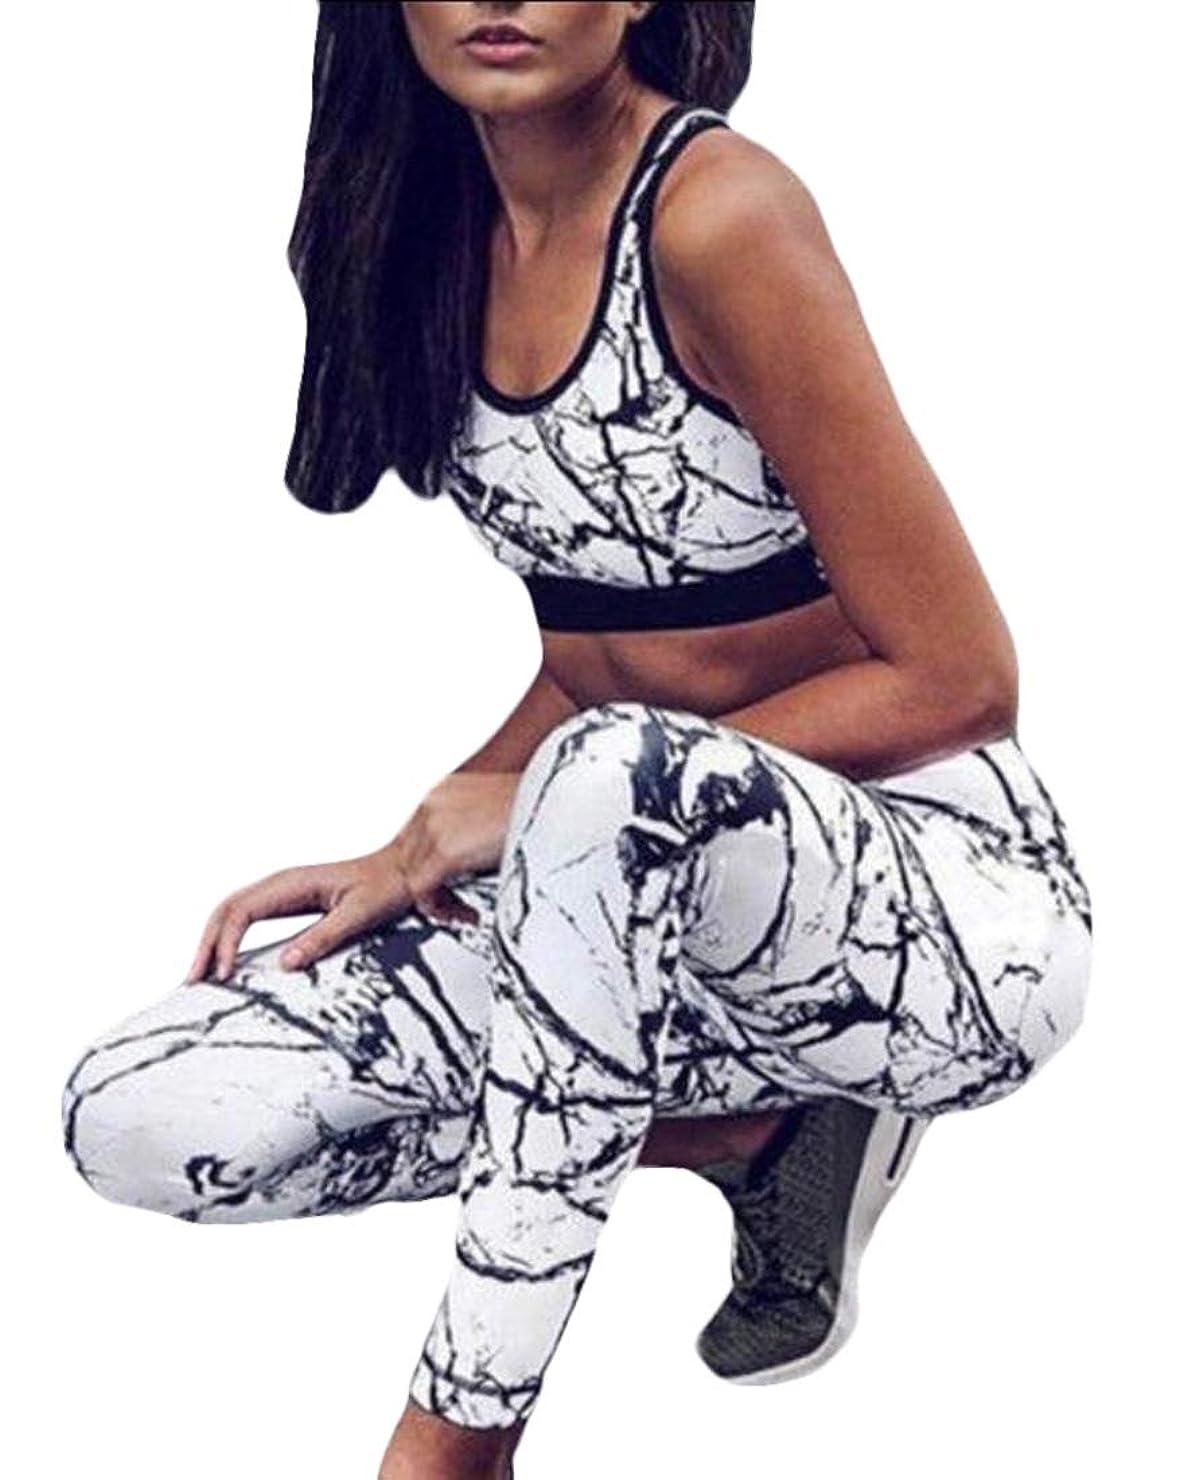 折るワイド構築する女性2ピーストレーニングジムヨガ服スポーツプリント作物タンクトップチューブブラとハイウエストレギンススーツセット